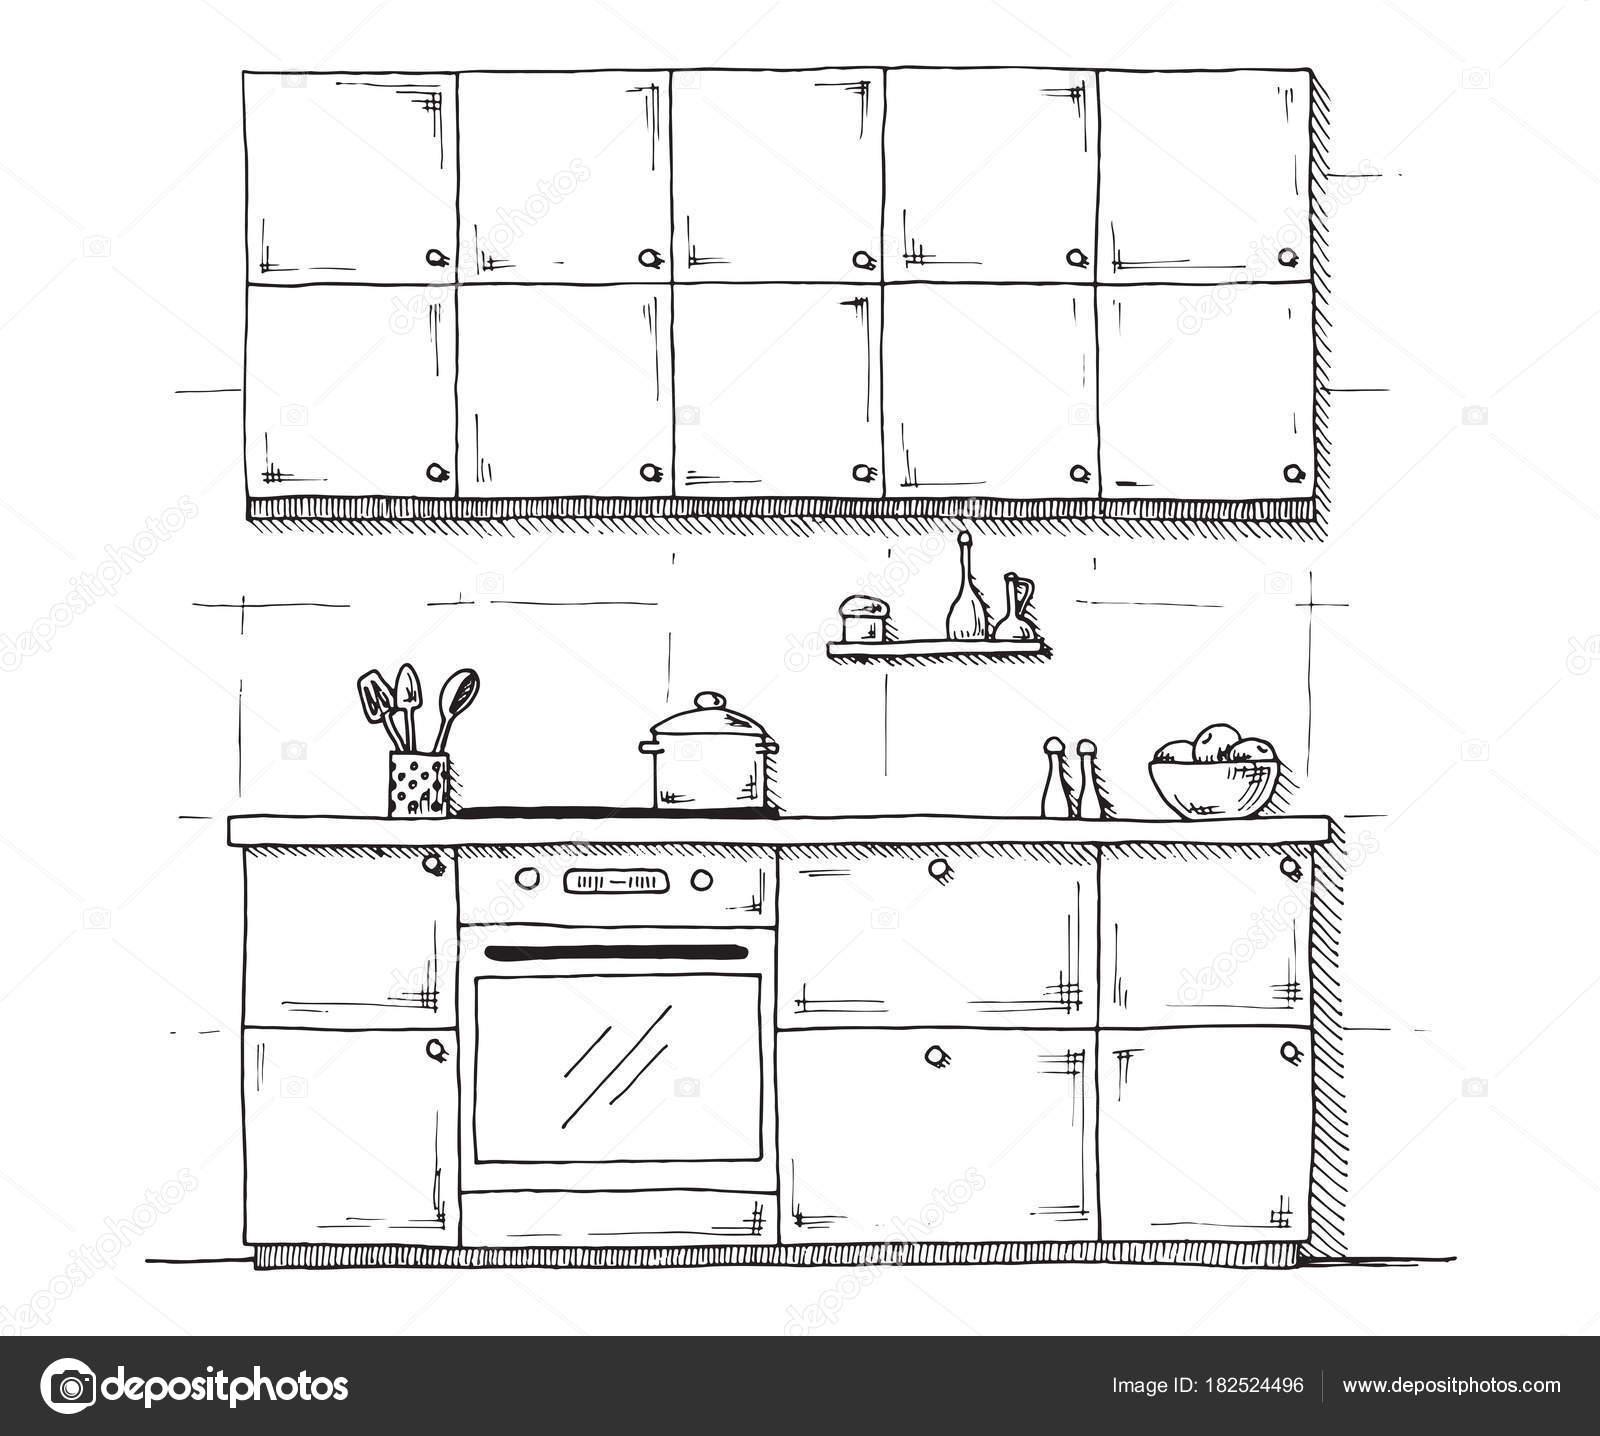 Croquis de muebles | Croquis de muebles de cocina sobre un fondo ...